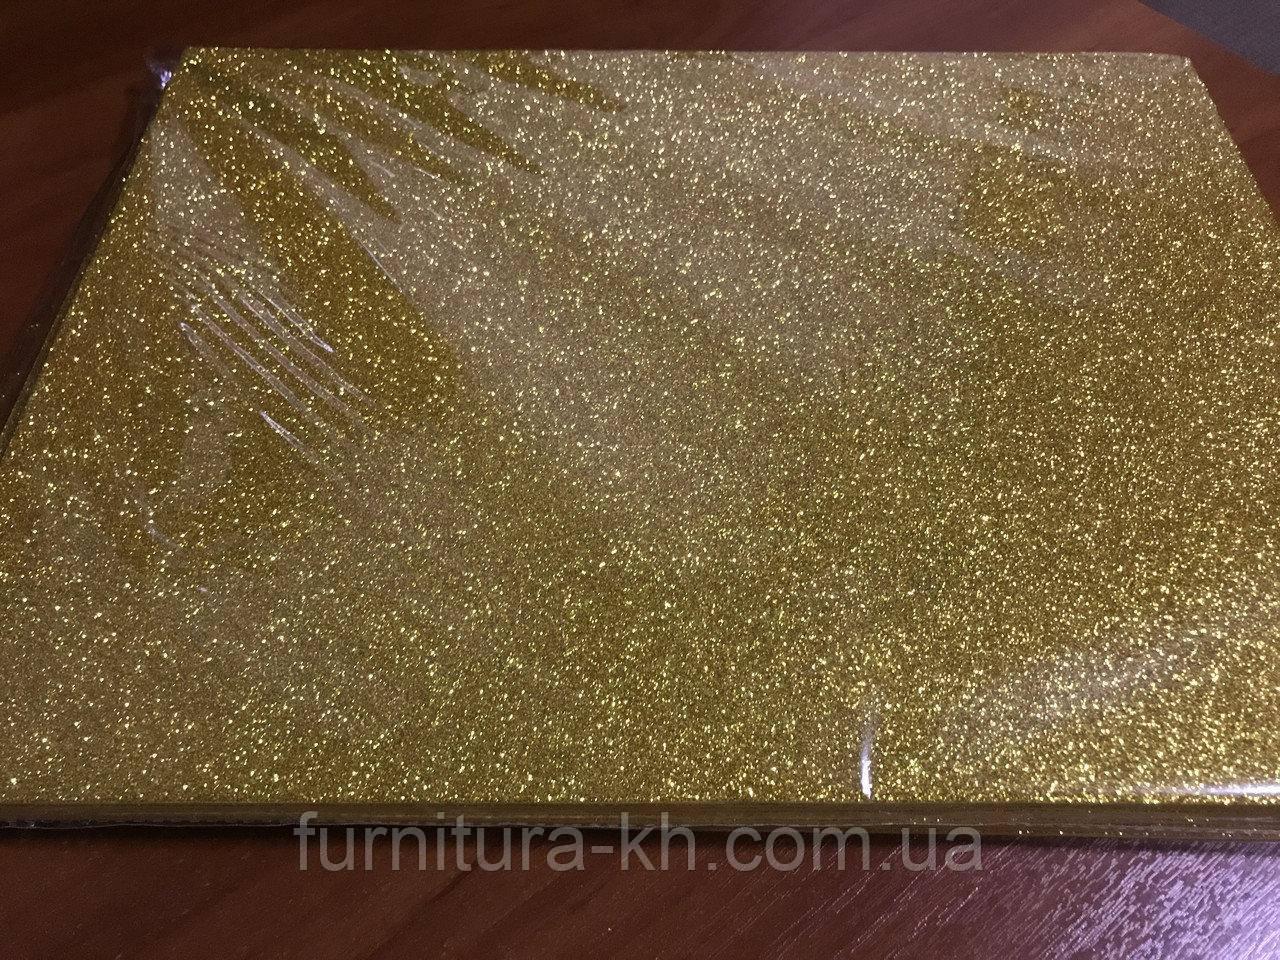 Фоамиран блестящий (с глиттером) 40*30 цвет золото